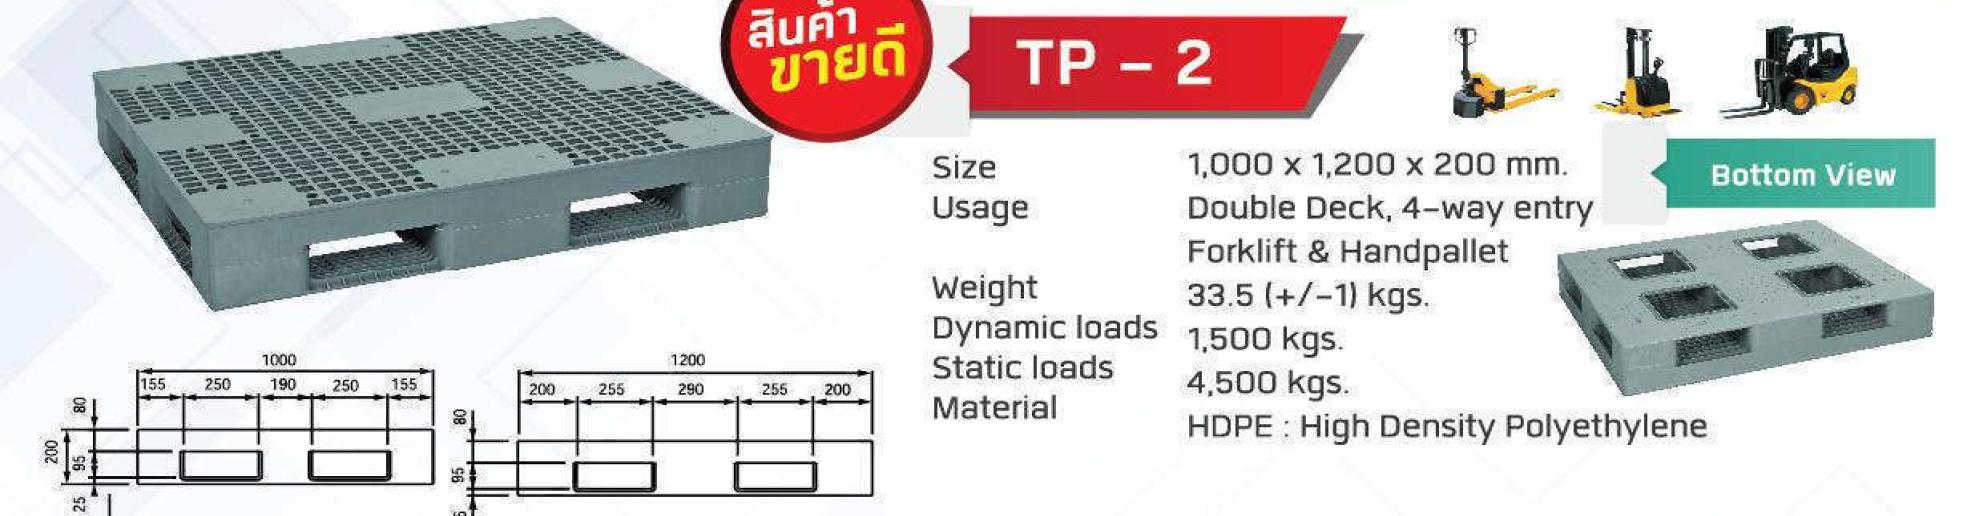 Non-Reversible-pallet-heavy-duty-TP-2